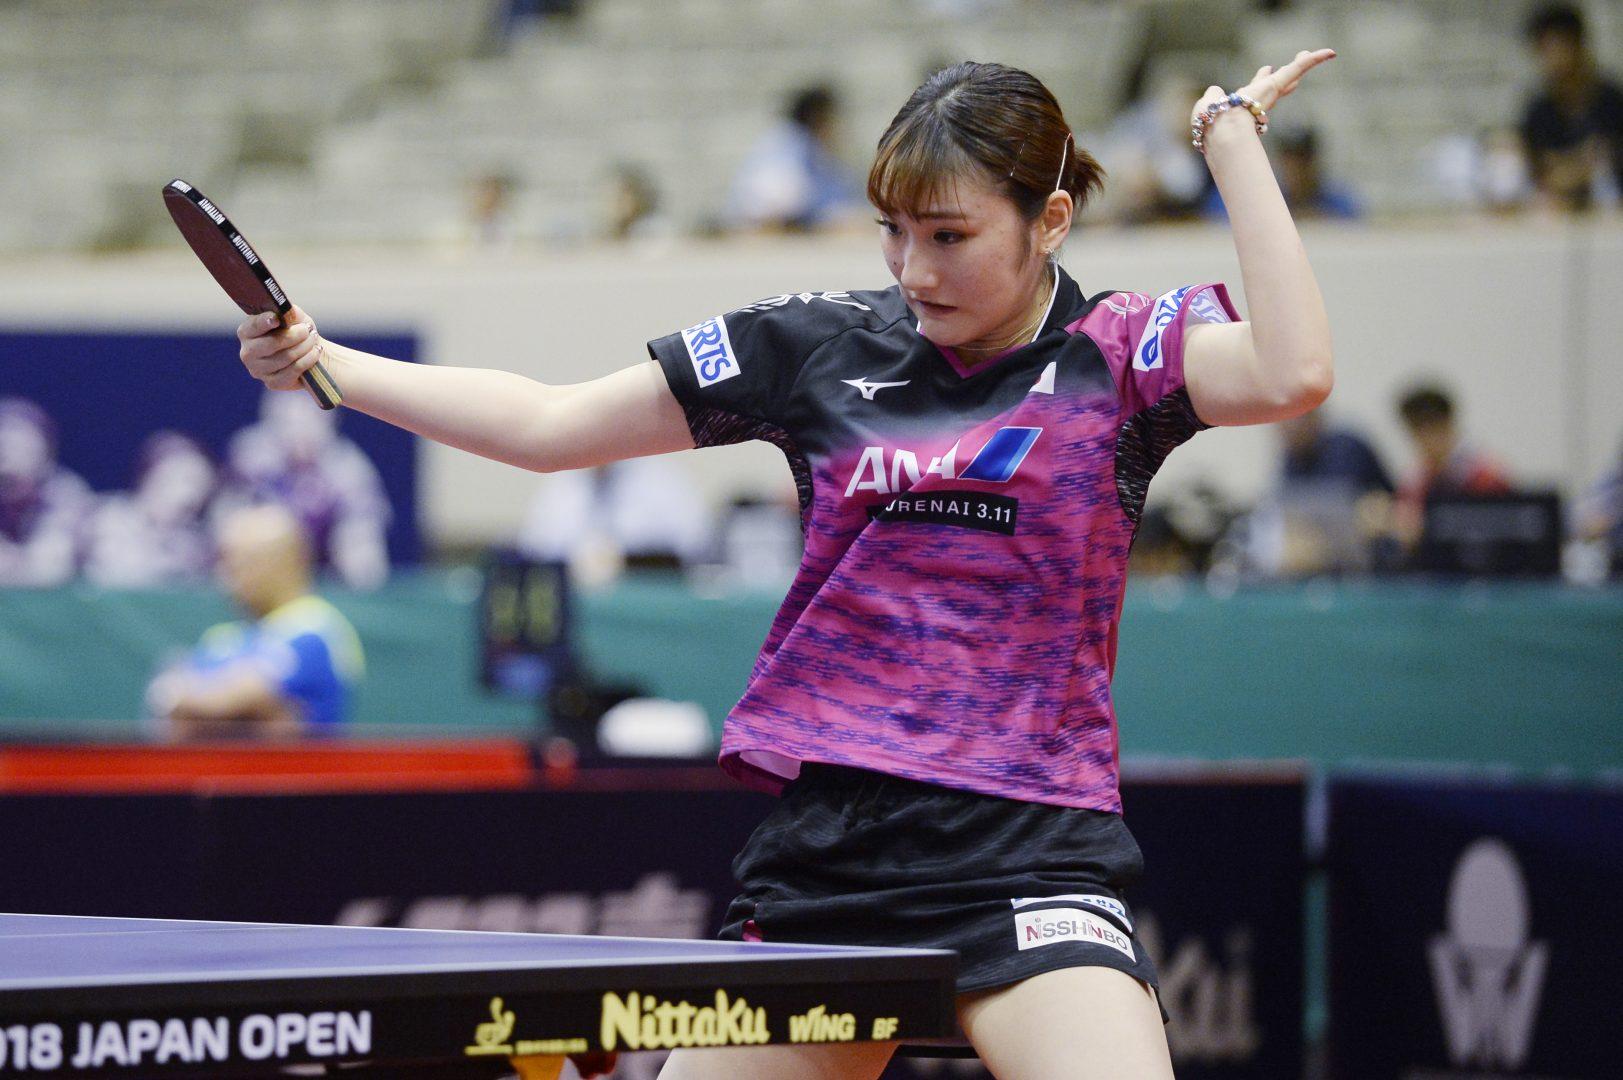 【卓球】加藤美優がロンドン銅メダリストを破る<ITTF韓国OP 3日目>